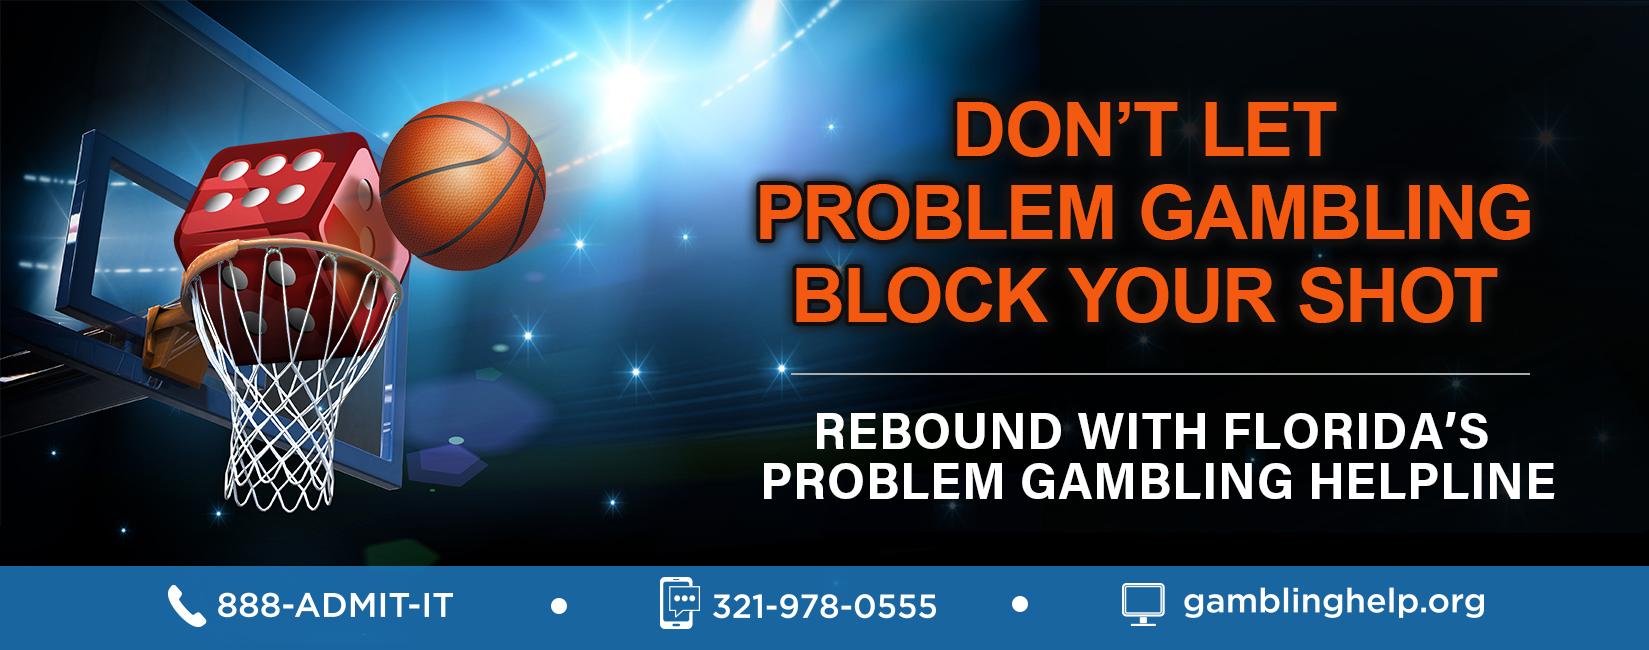 slander gambling addiction hotline